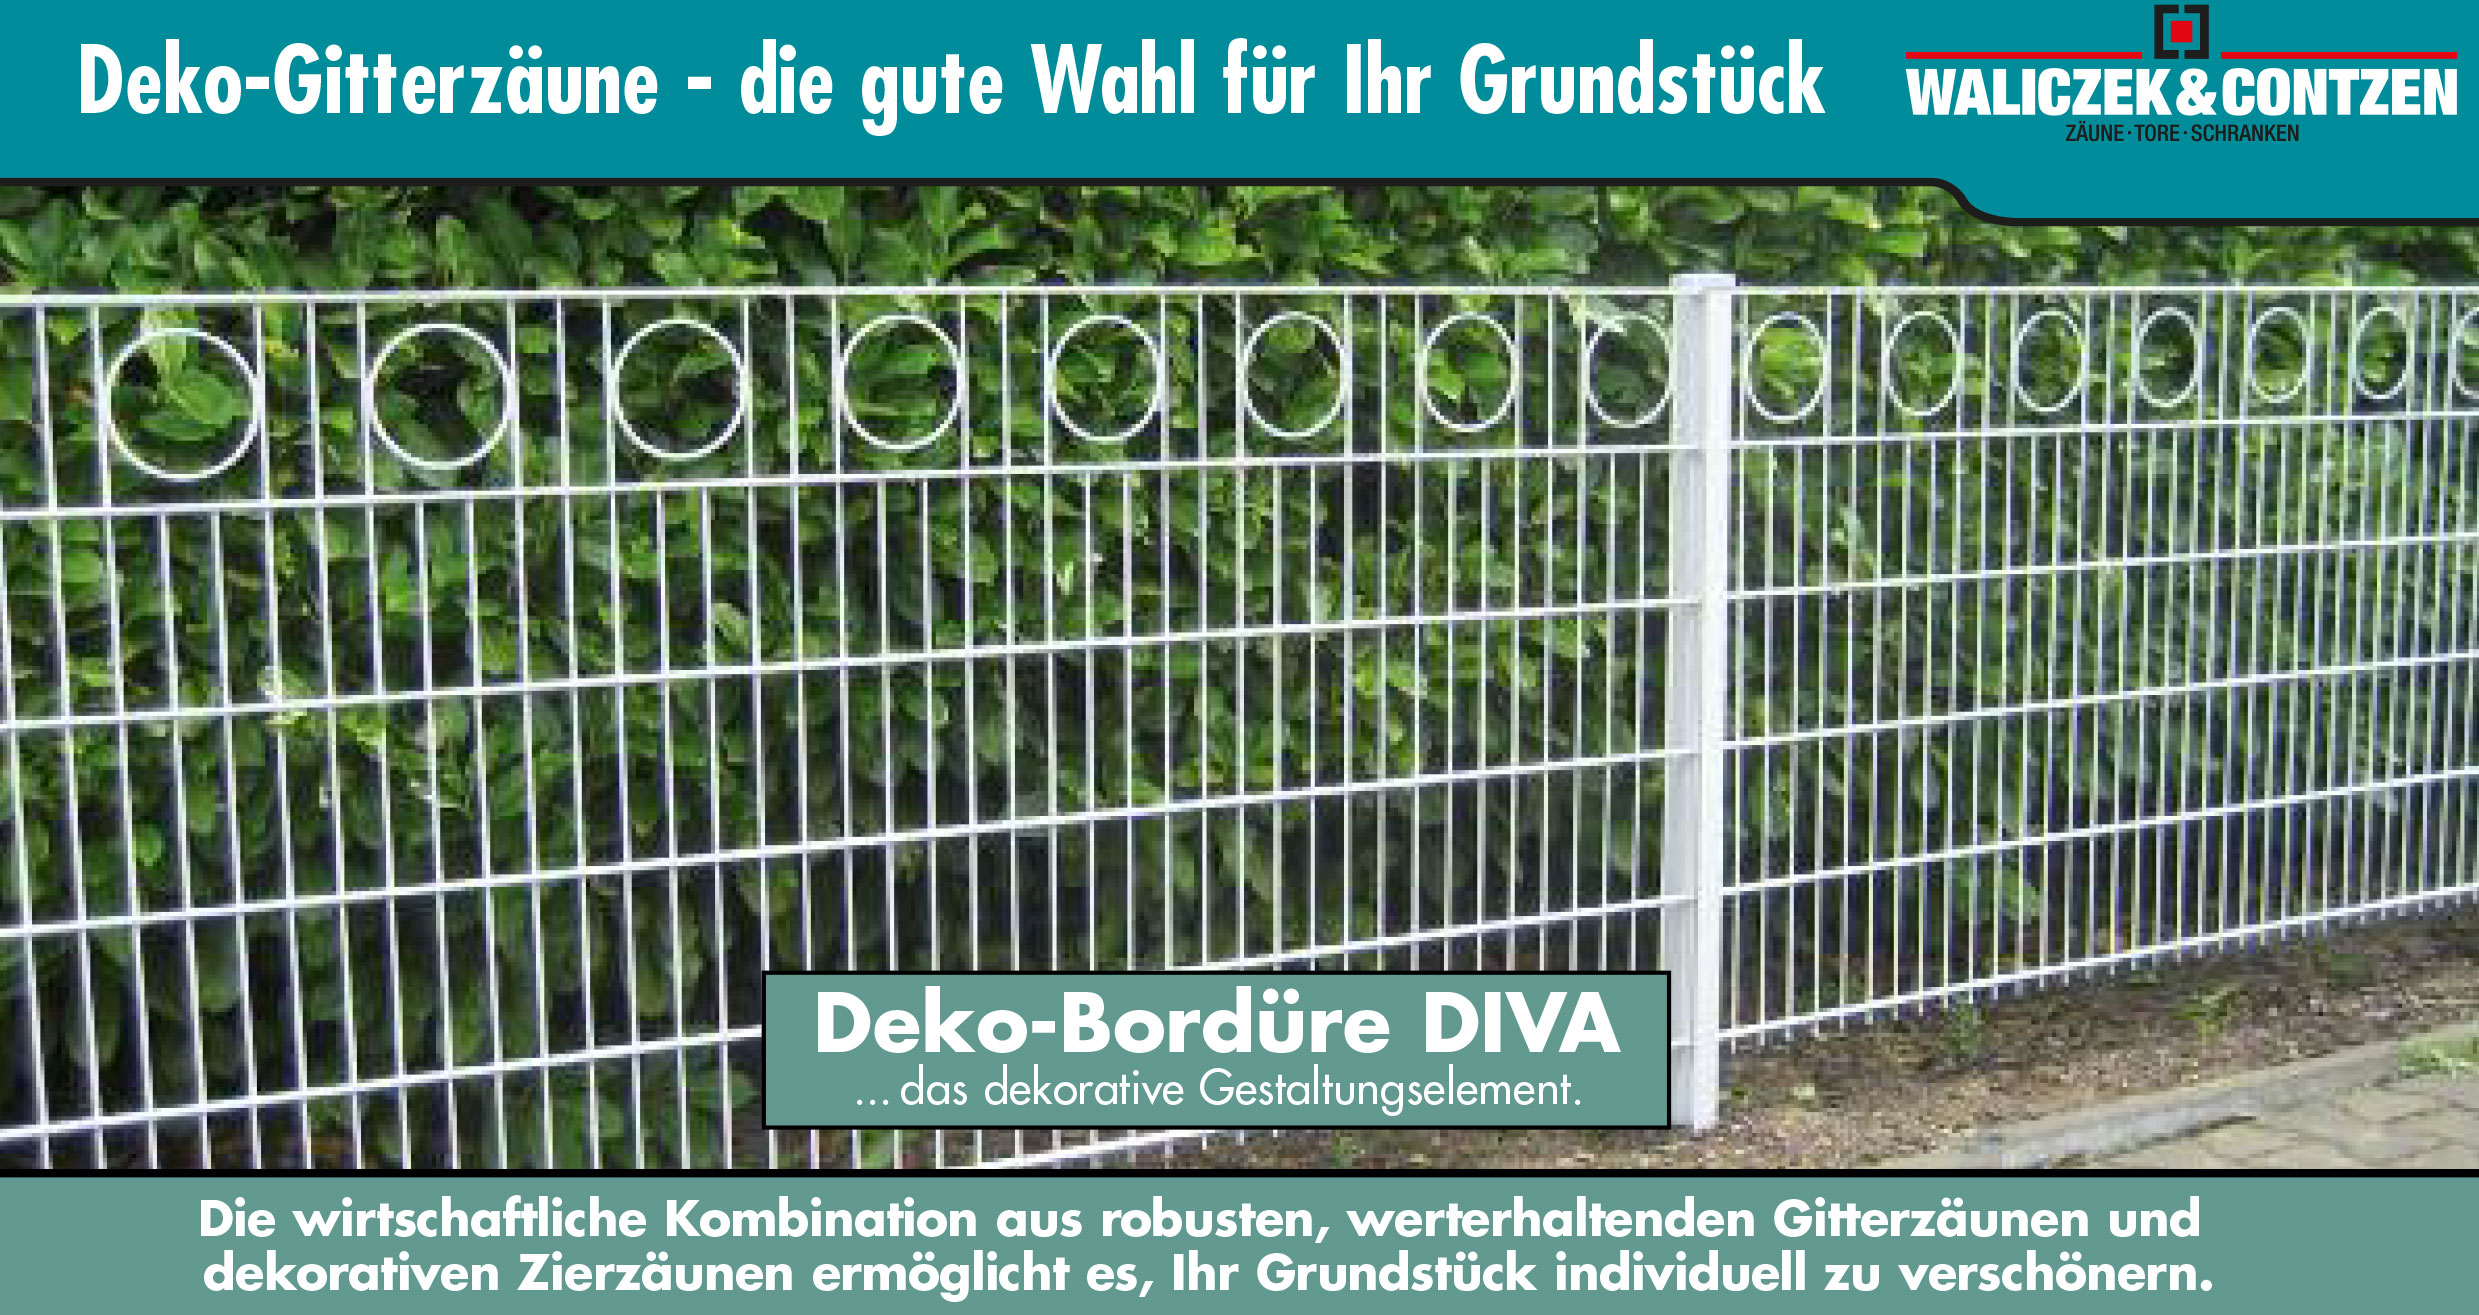 Deko-Gitterzäune